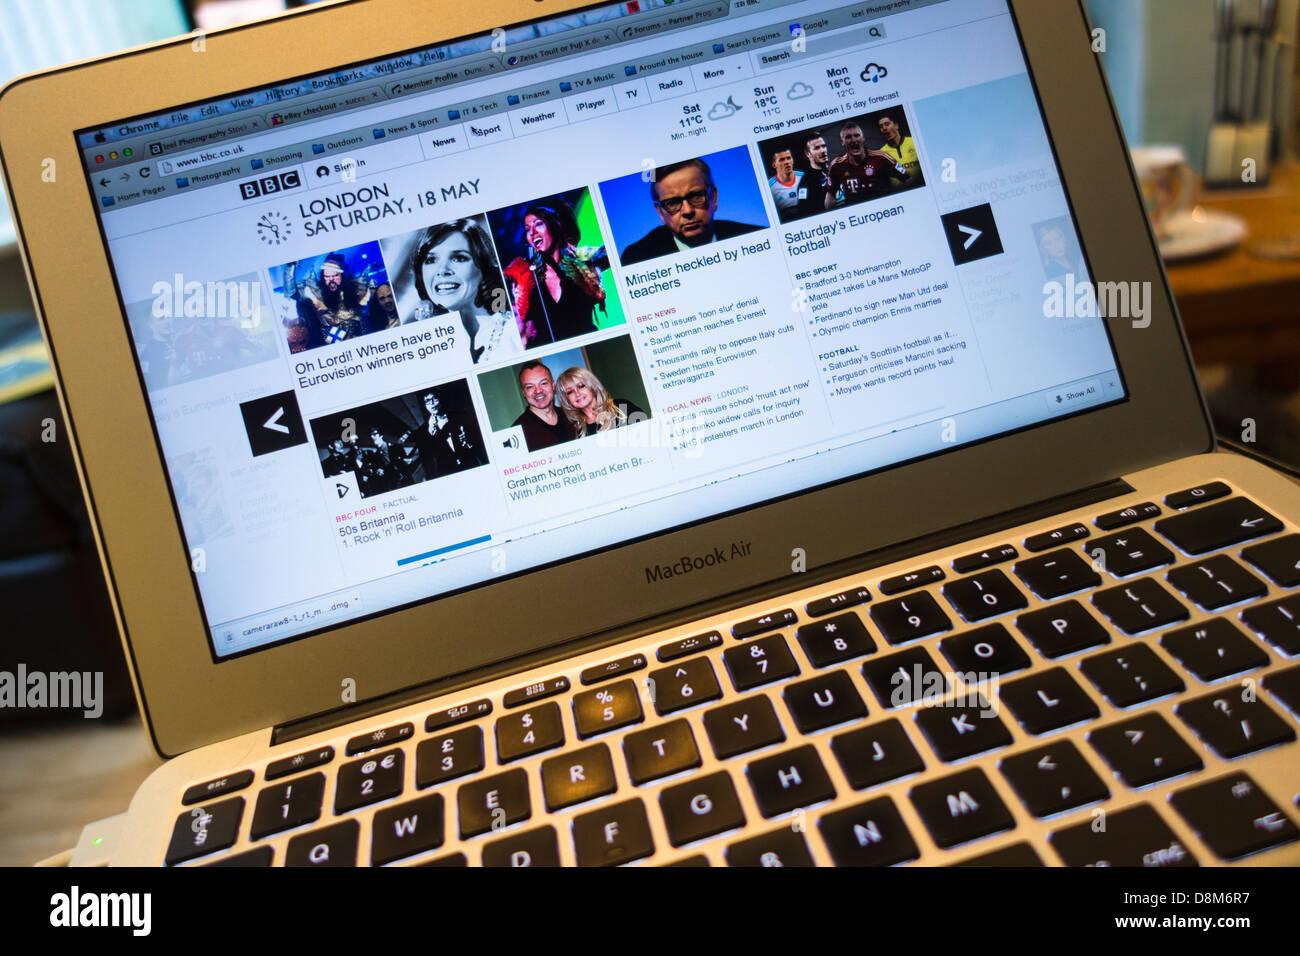 Un primer plano de un ordenador portátil de Apple MacBook Air en la BBC homepage Imagen De Stock